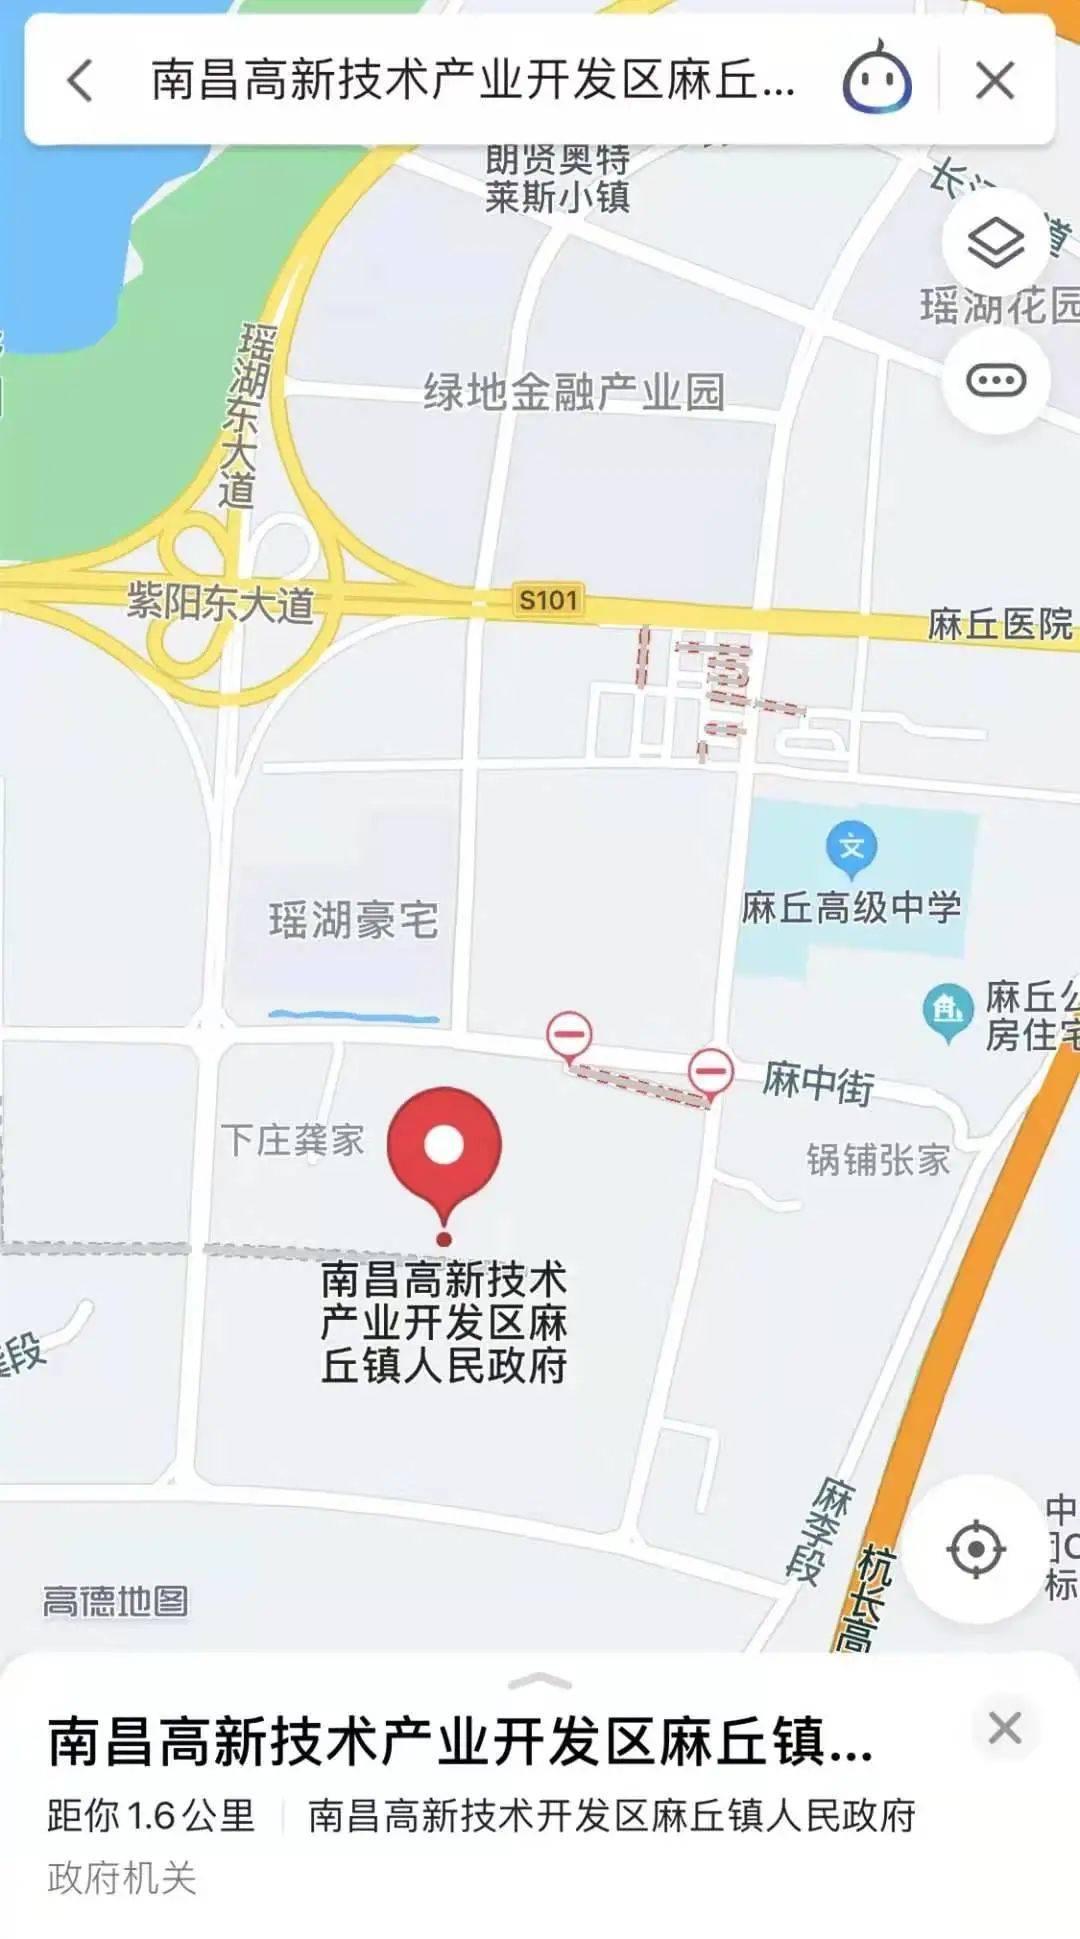 南昌拆迁是否按人口分房_南昌起义(3)